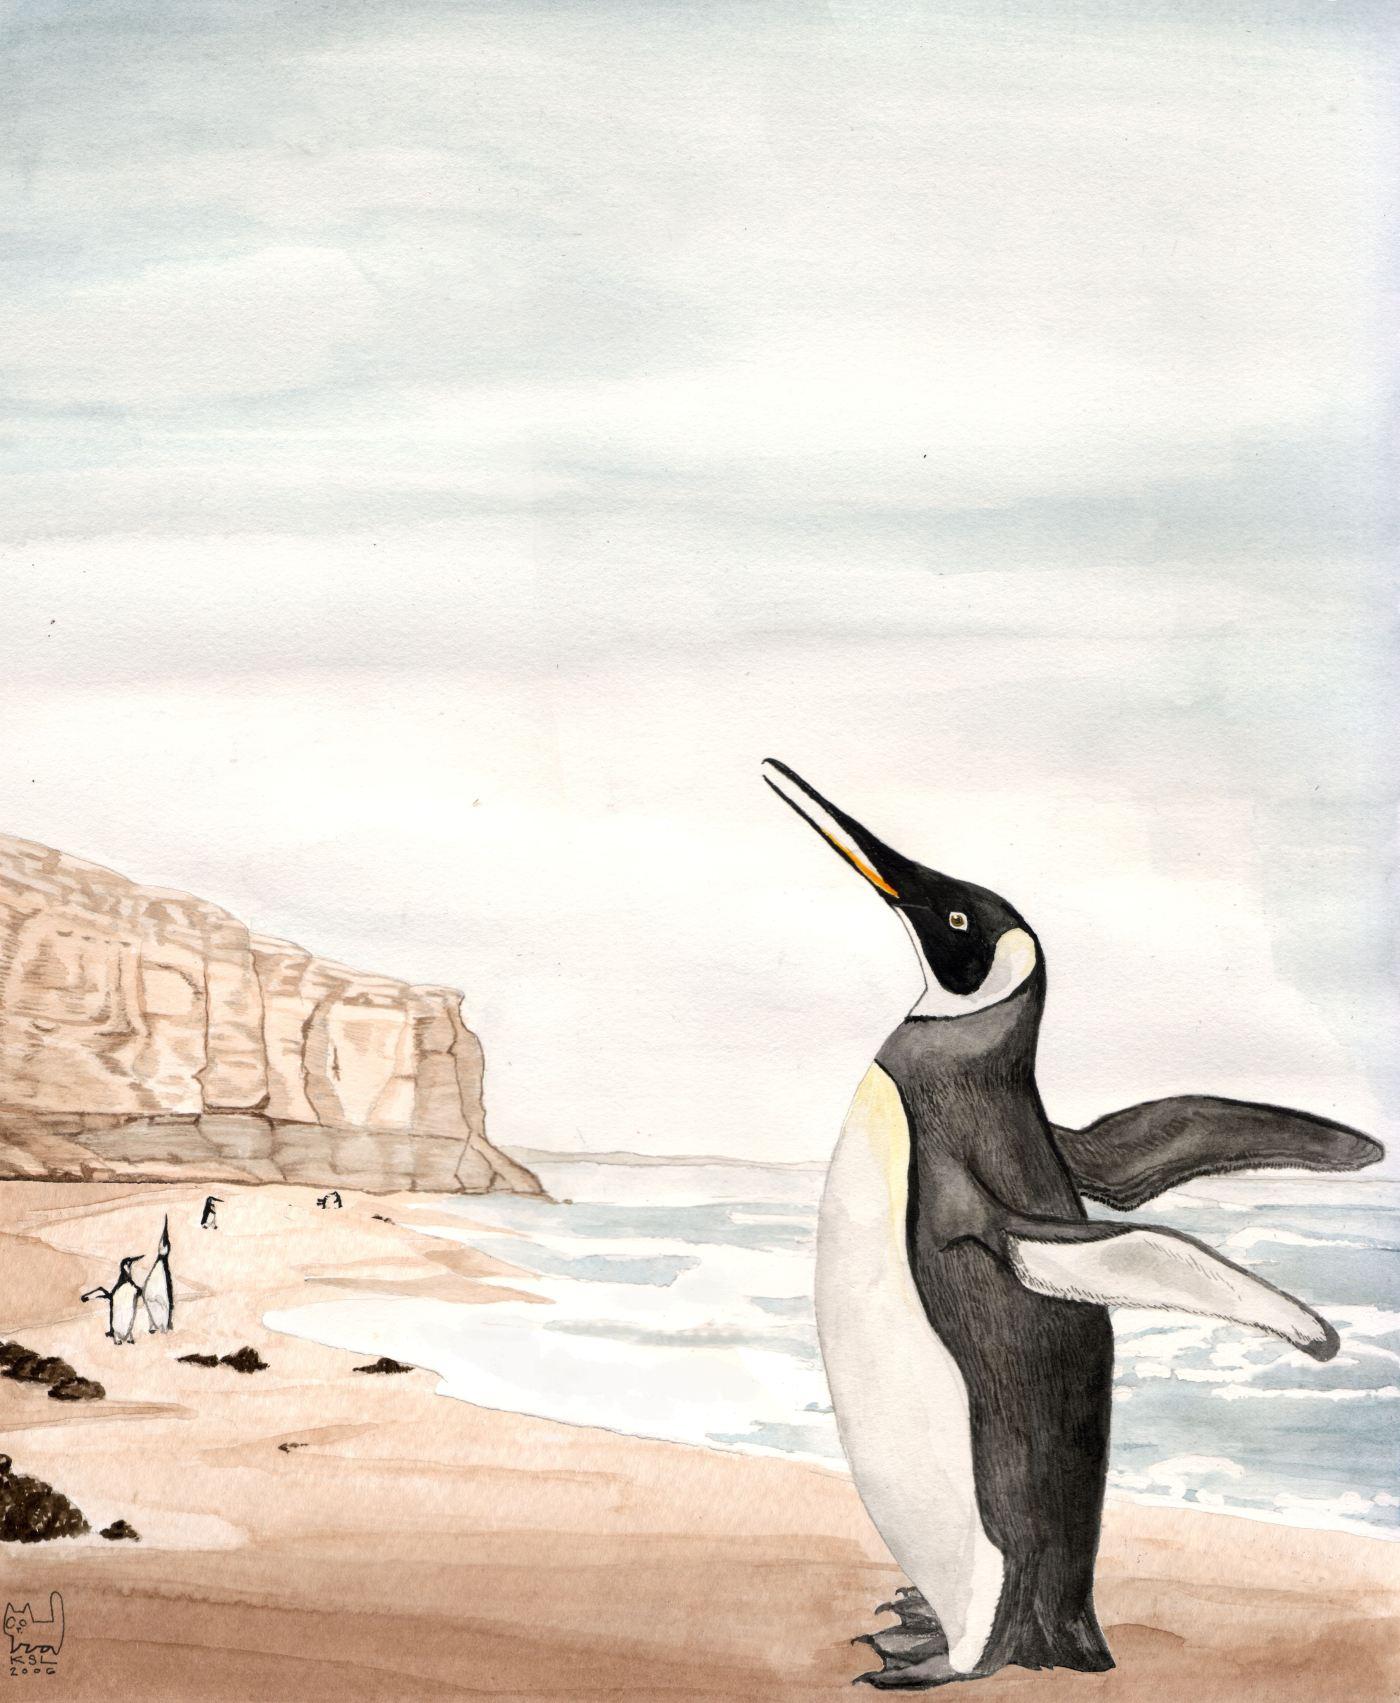 В Новой Зеландии учеными обнаружены окаменелости гигантского пингвина